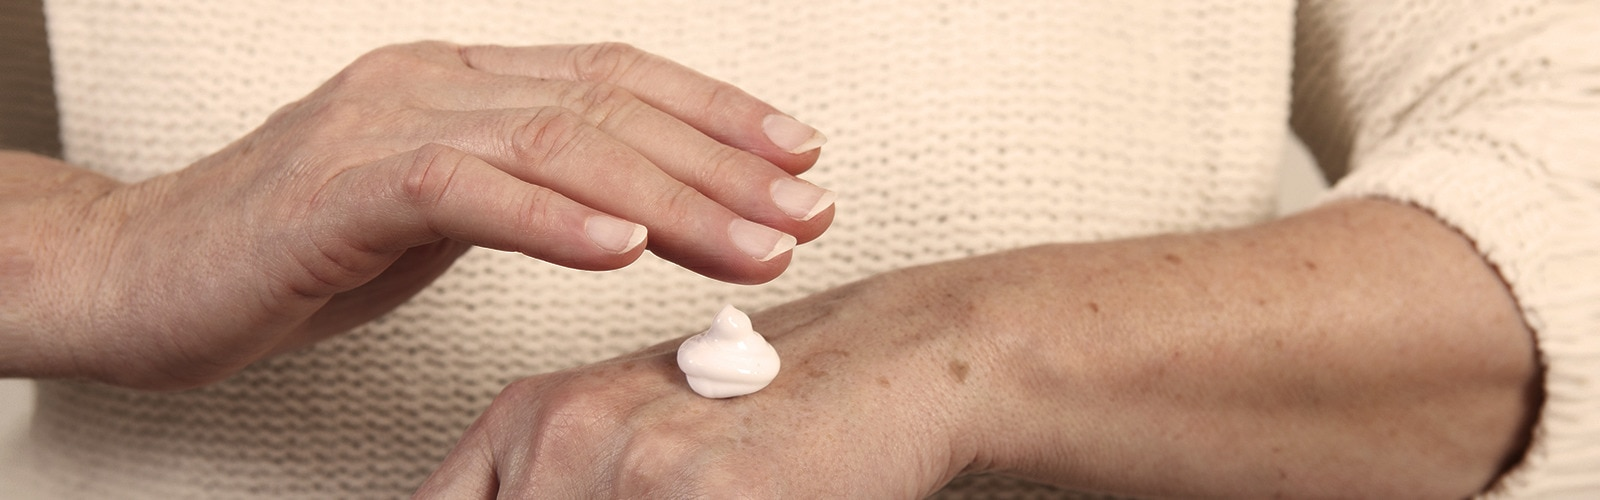 Starejša ženska uporablja vlažilno kremo – ohranjanje zdrave kože pri vaših bližnjih